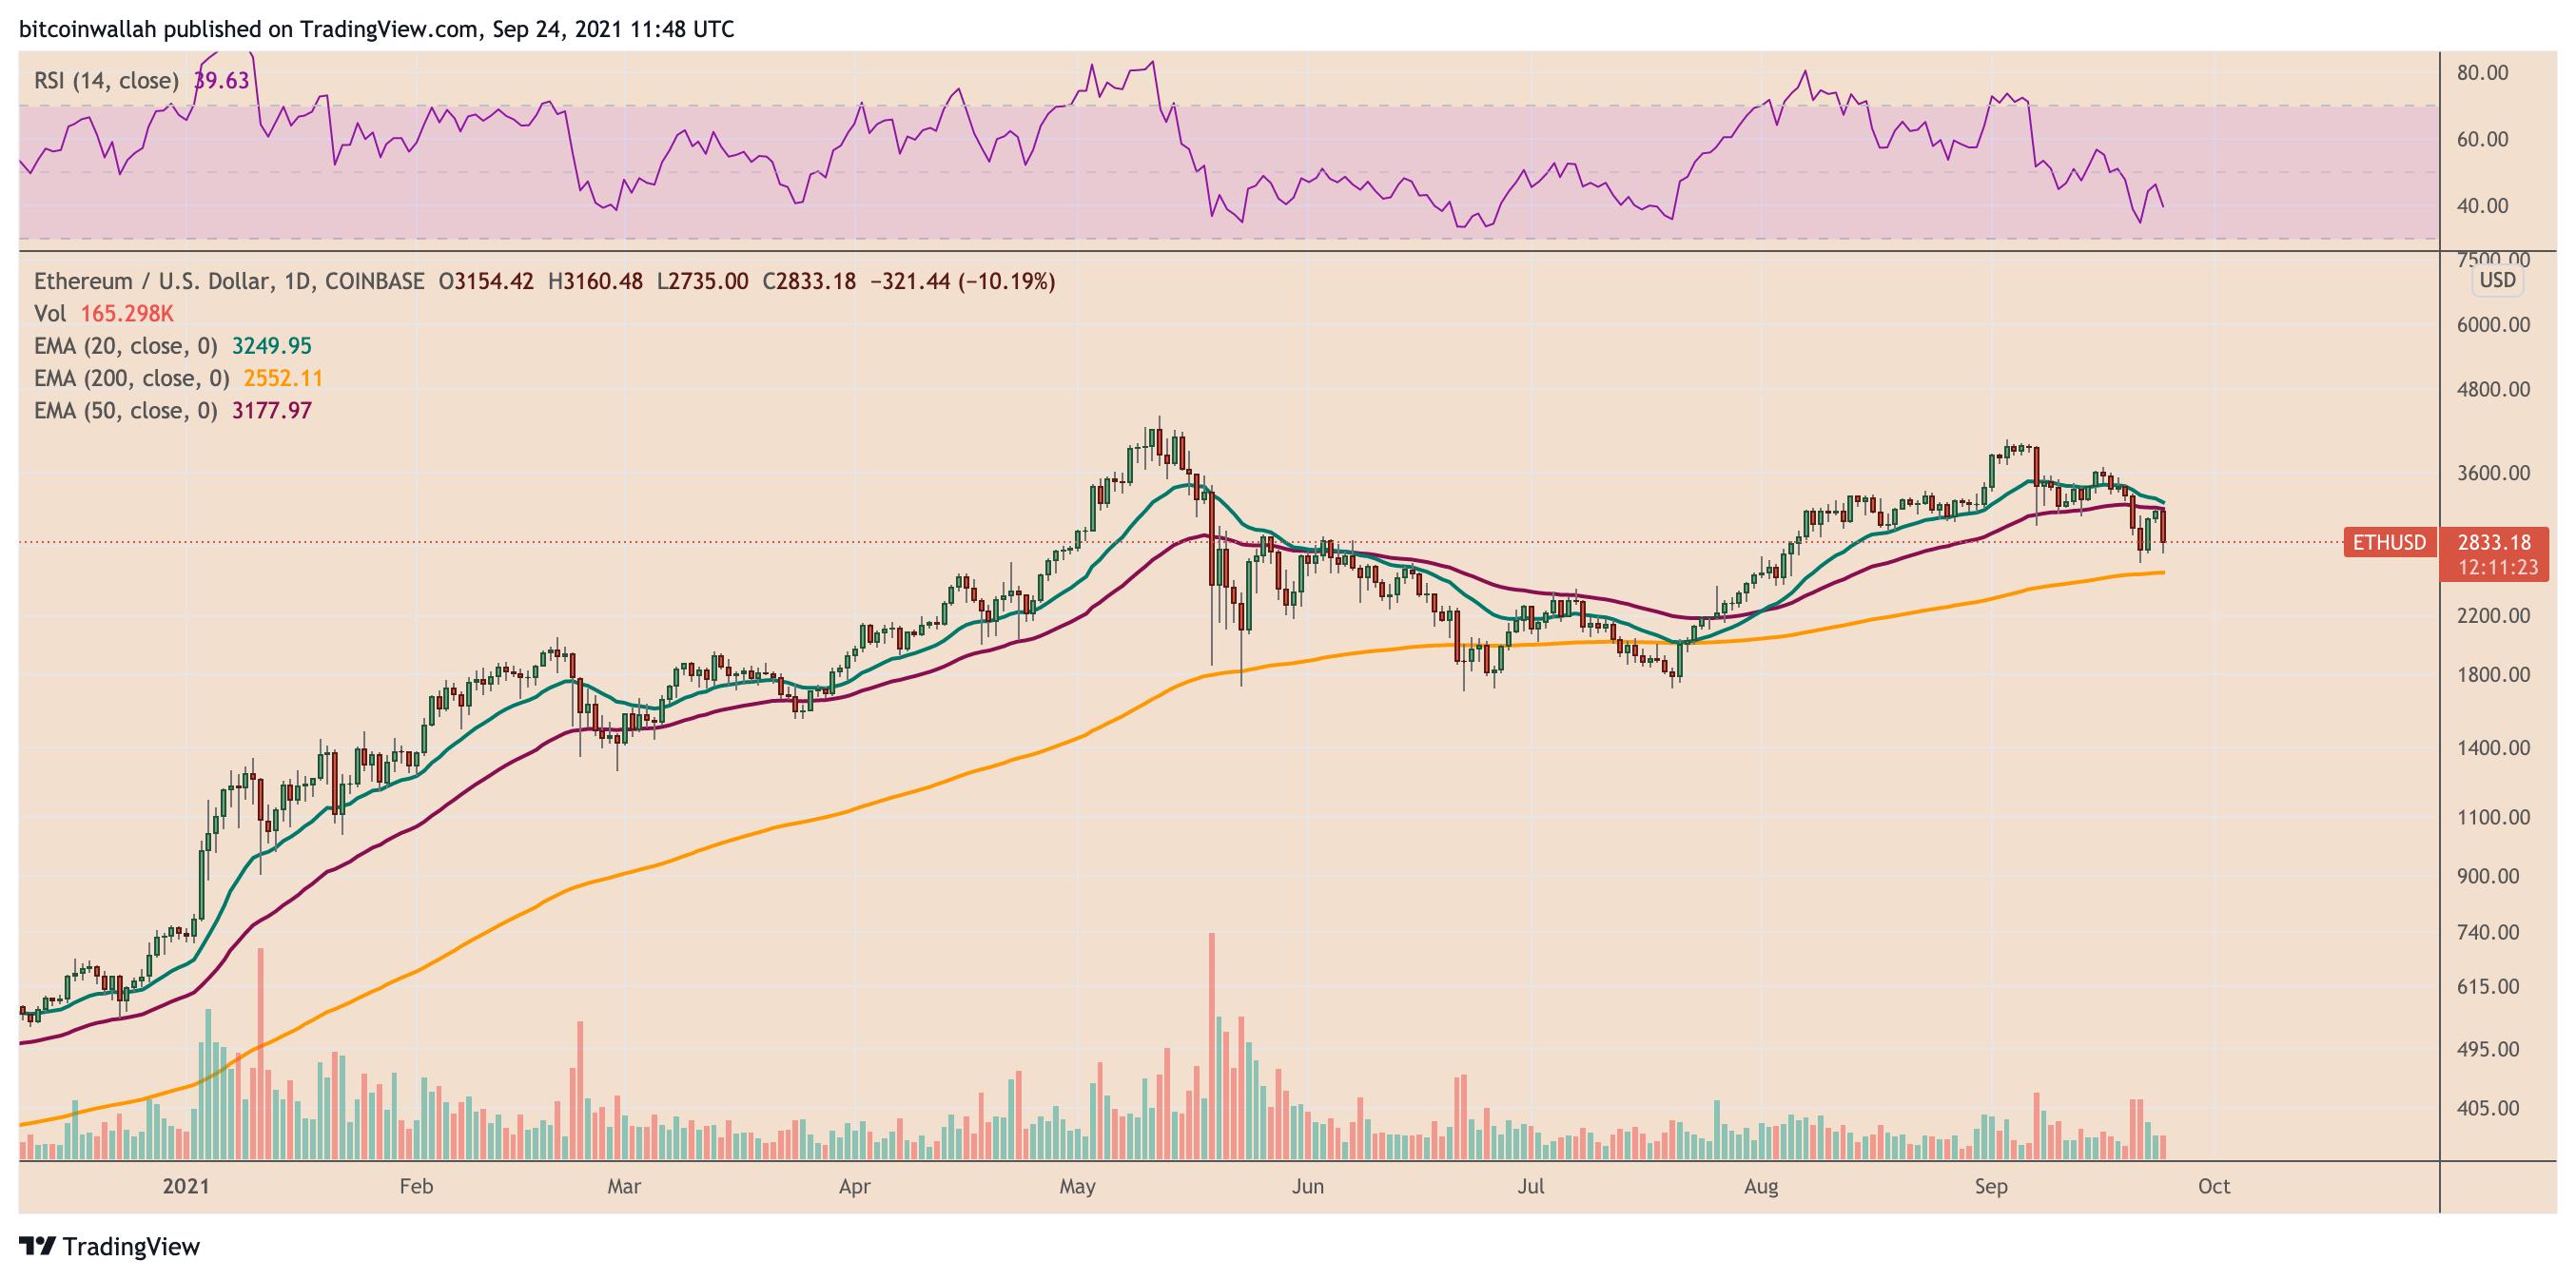 Grafico giornaliero di ETH/USD